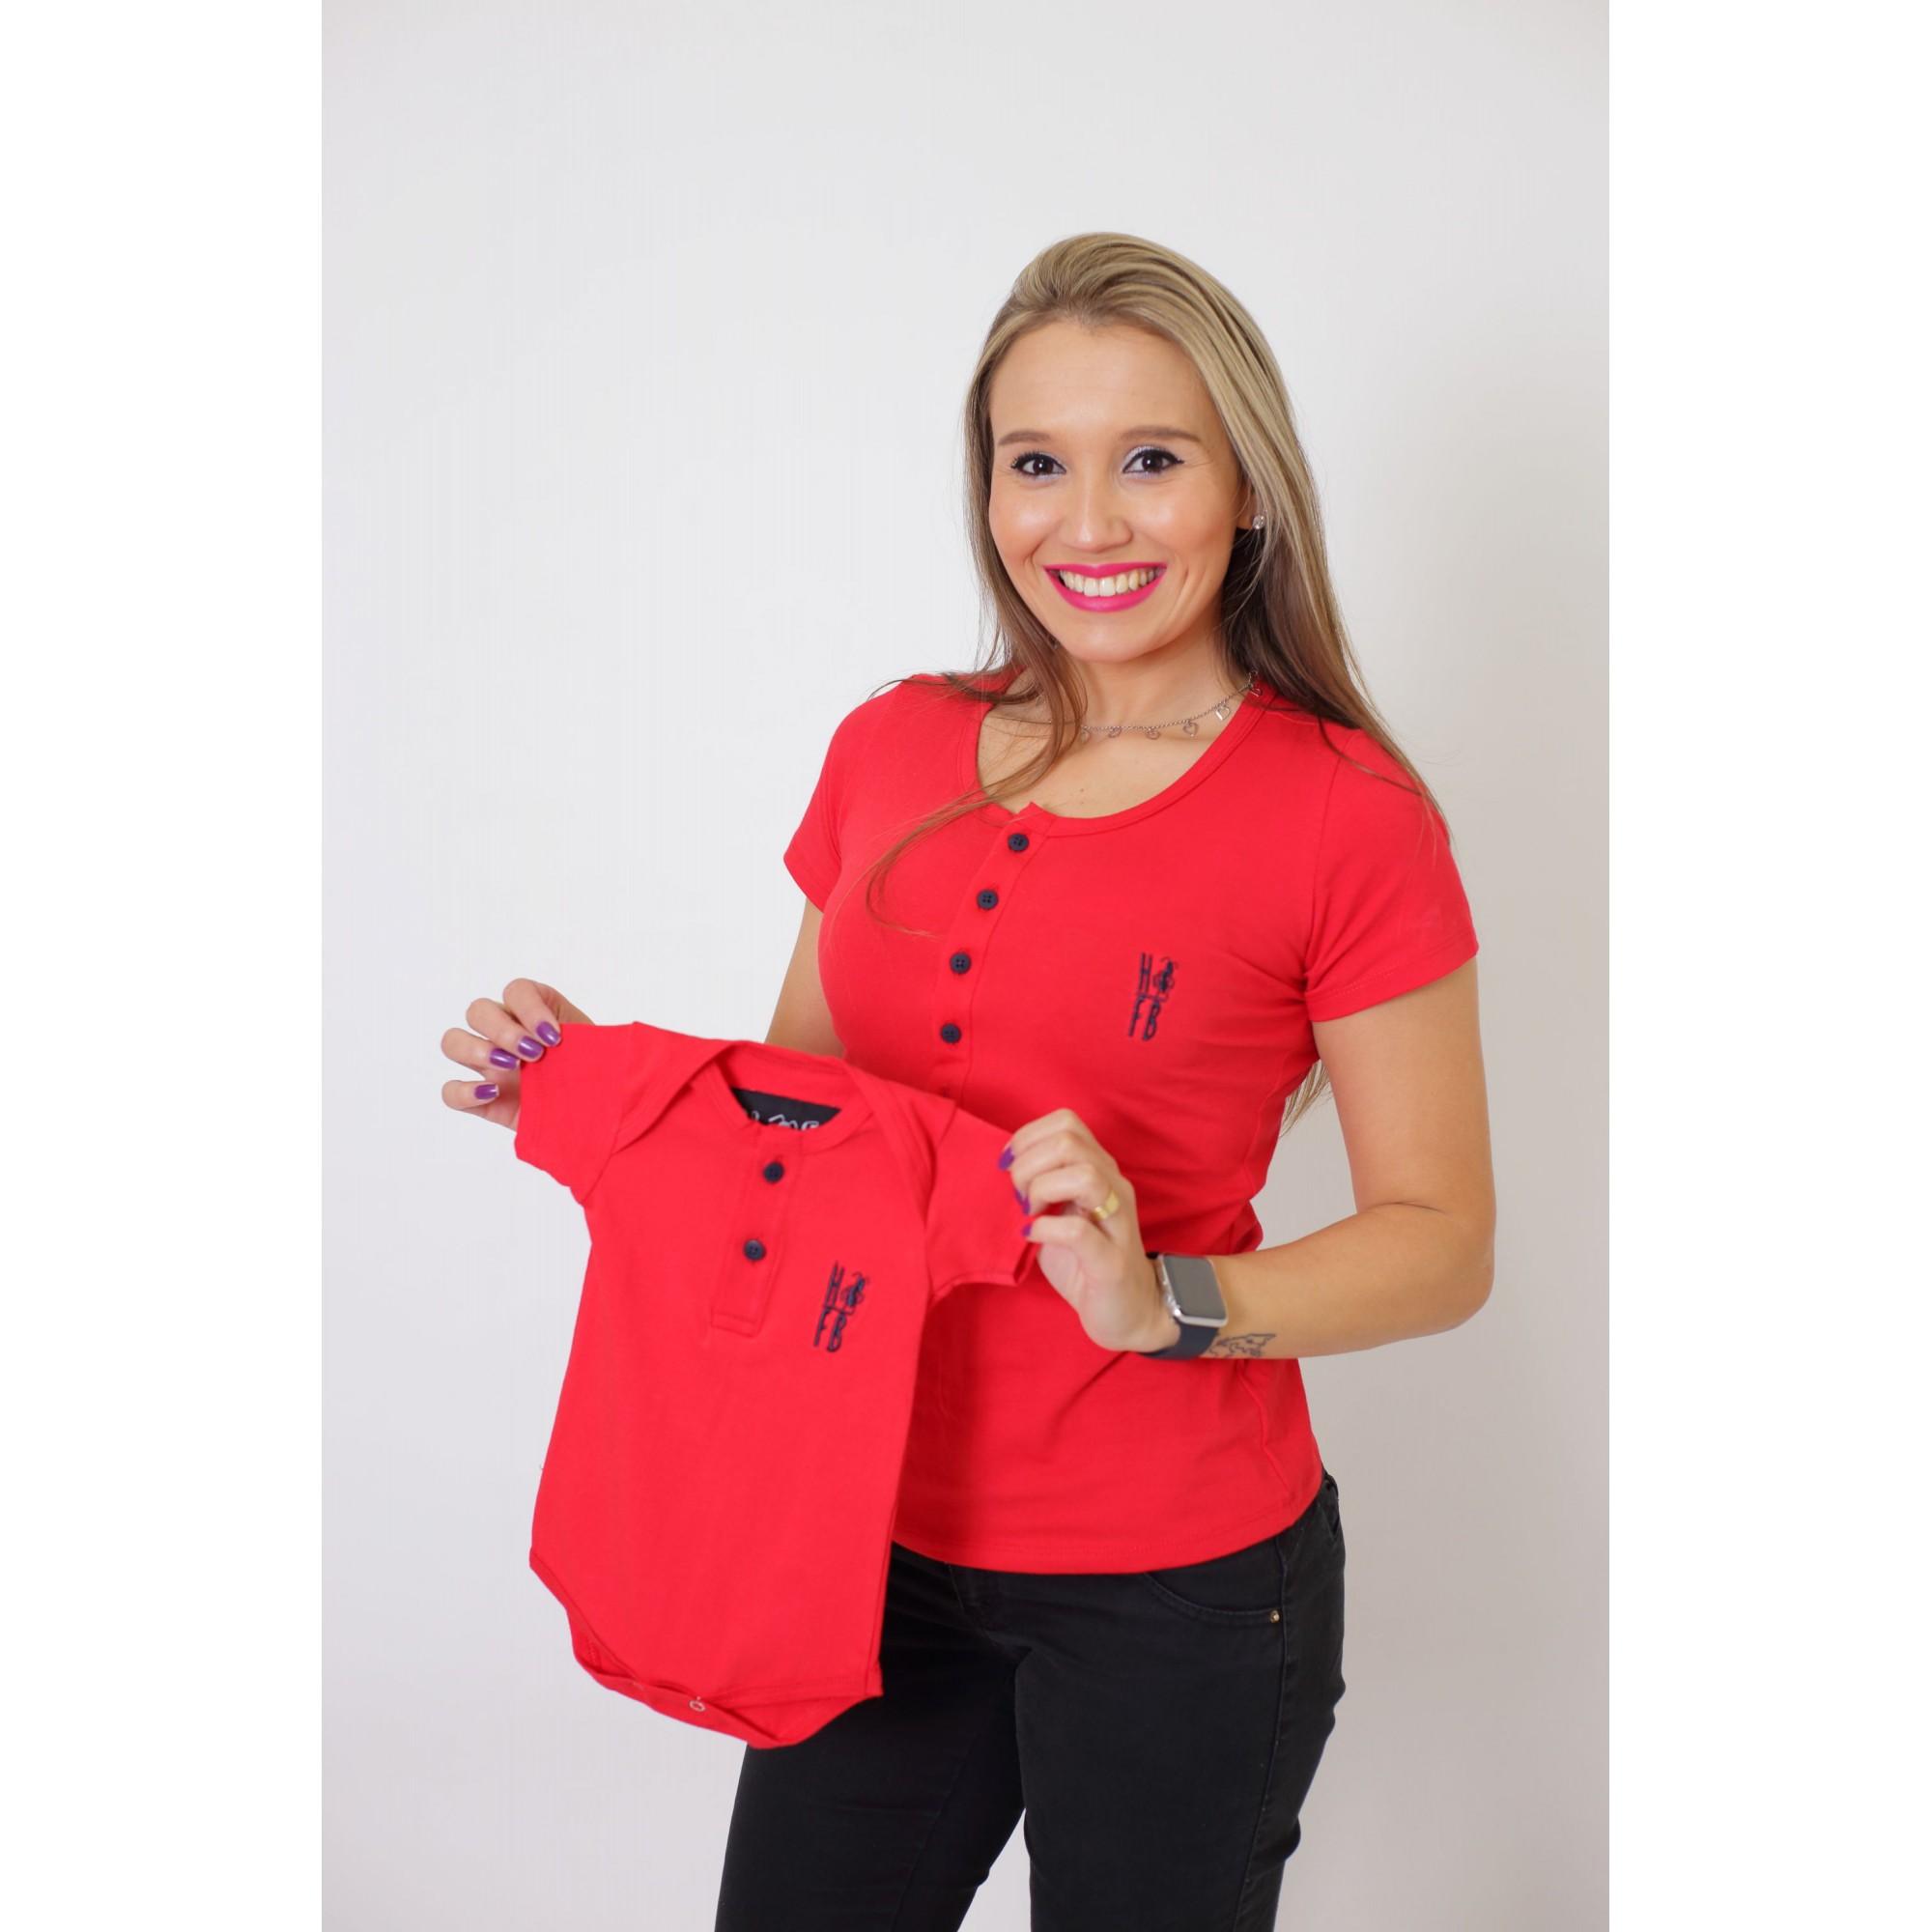 MÃE E FILHOS > Kit 02 Peças - T-Shirt + Body Henley Unissex - Vermelho [Coleção Tal Mãe Tal Filhos]  - Heitor Fashion Brazil